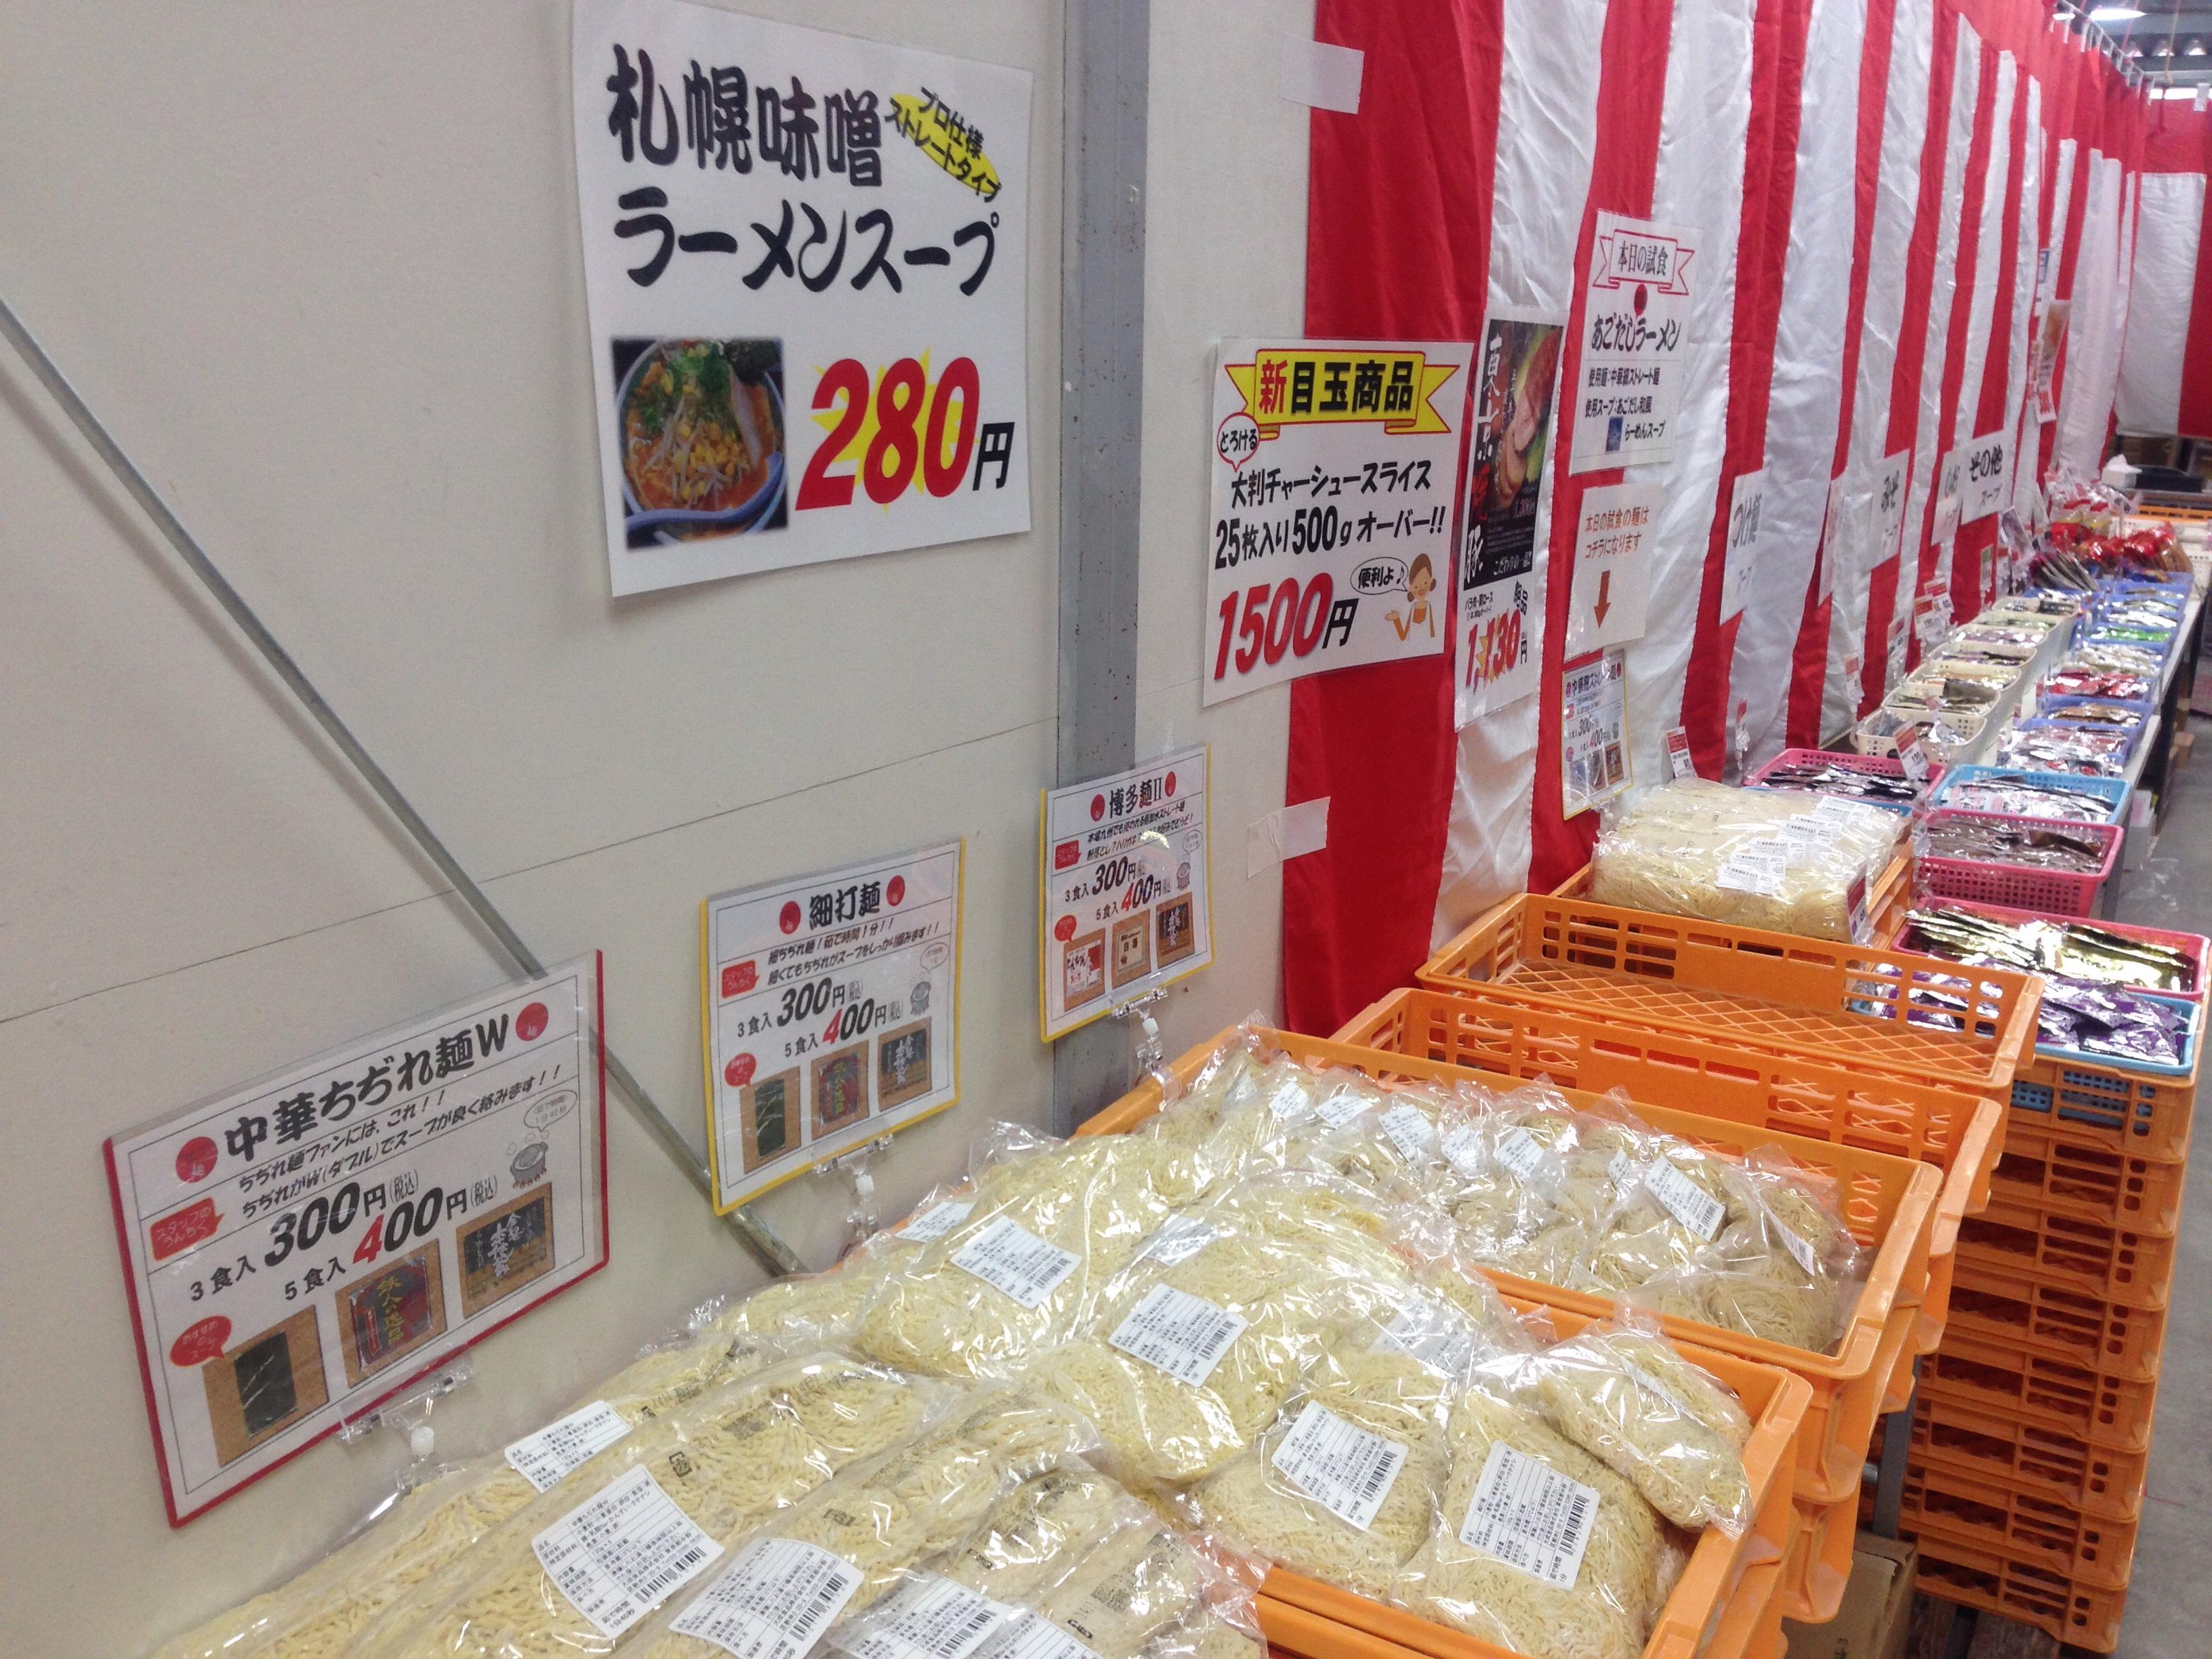 大成麺市場前夜祭夕市会場内風景